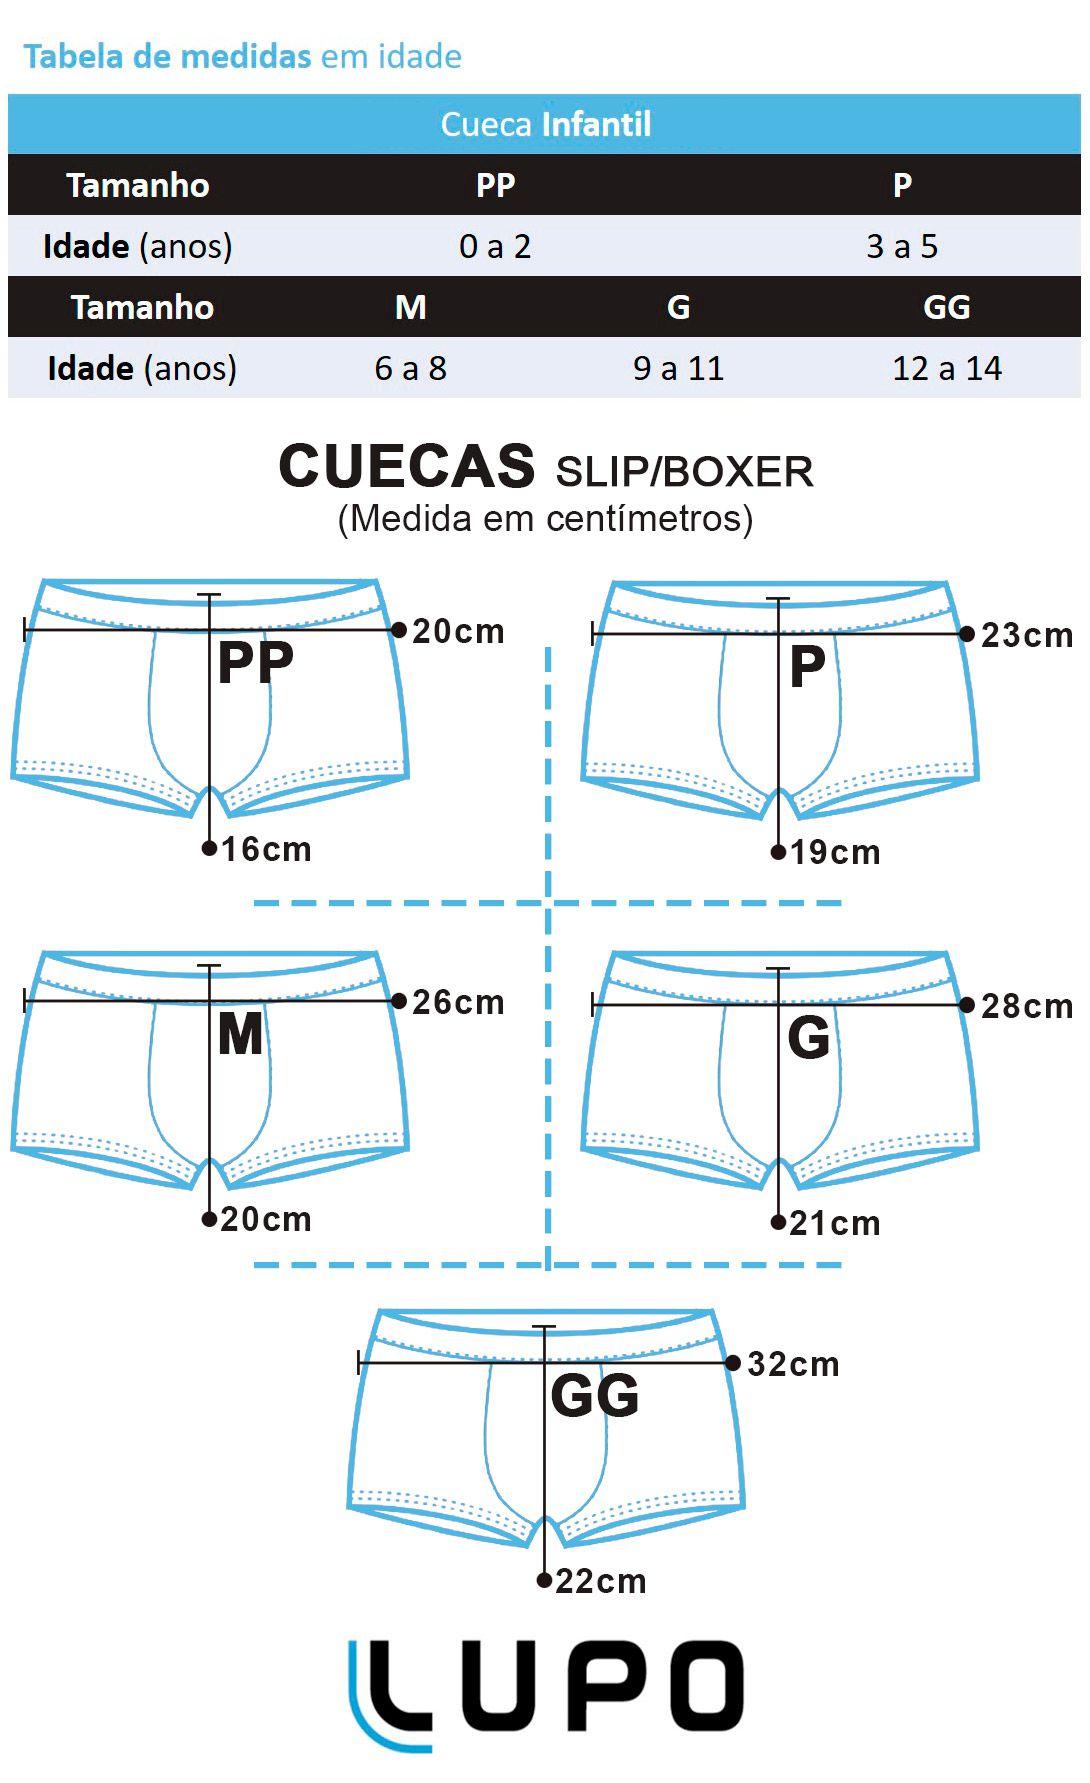 Cueca Infantil Boxer em Microfibra Kit com 6 cuecas Lupo: Tabela de medidas